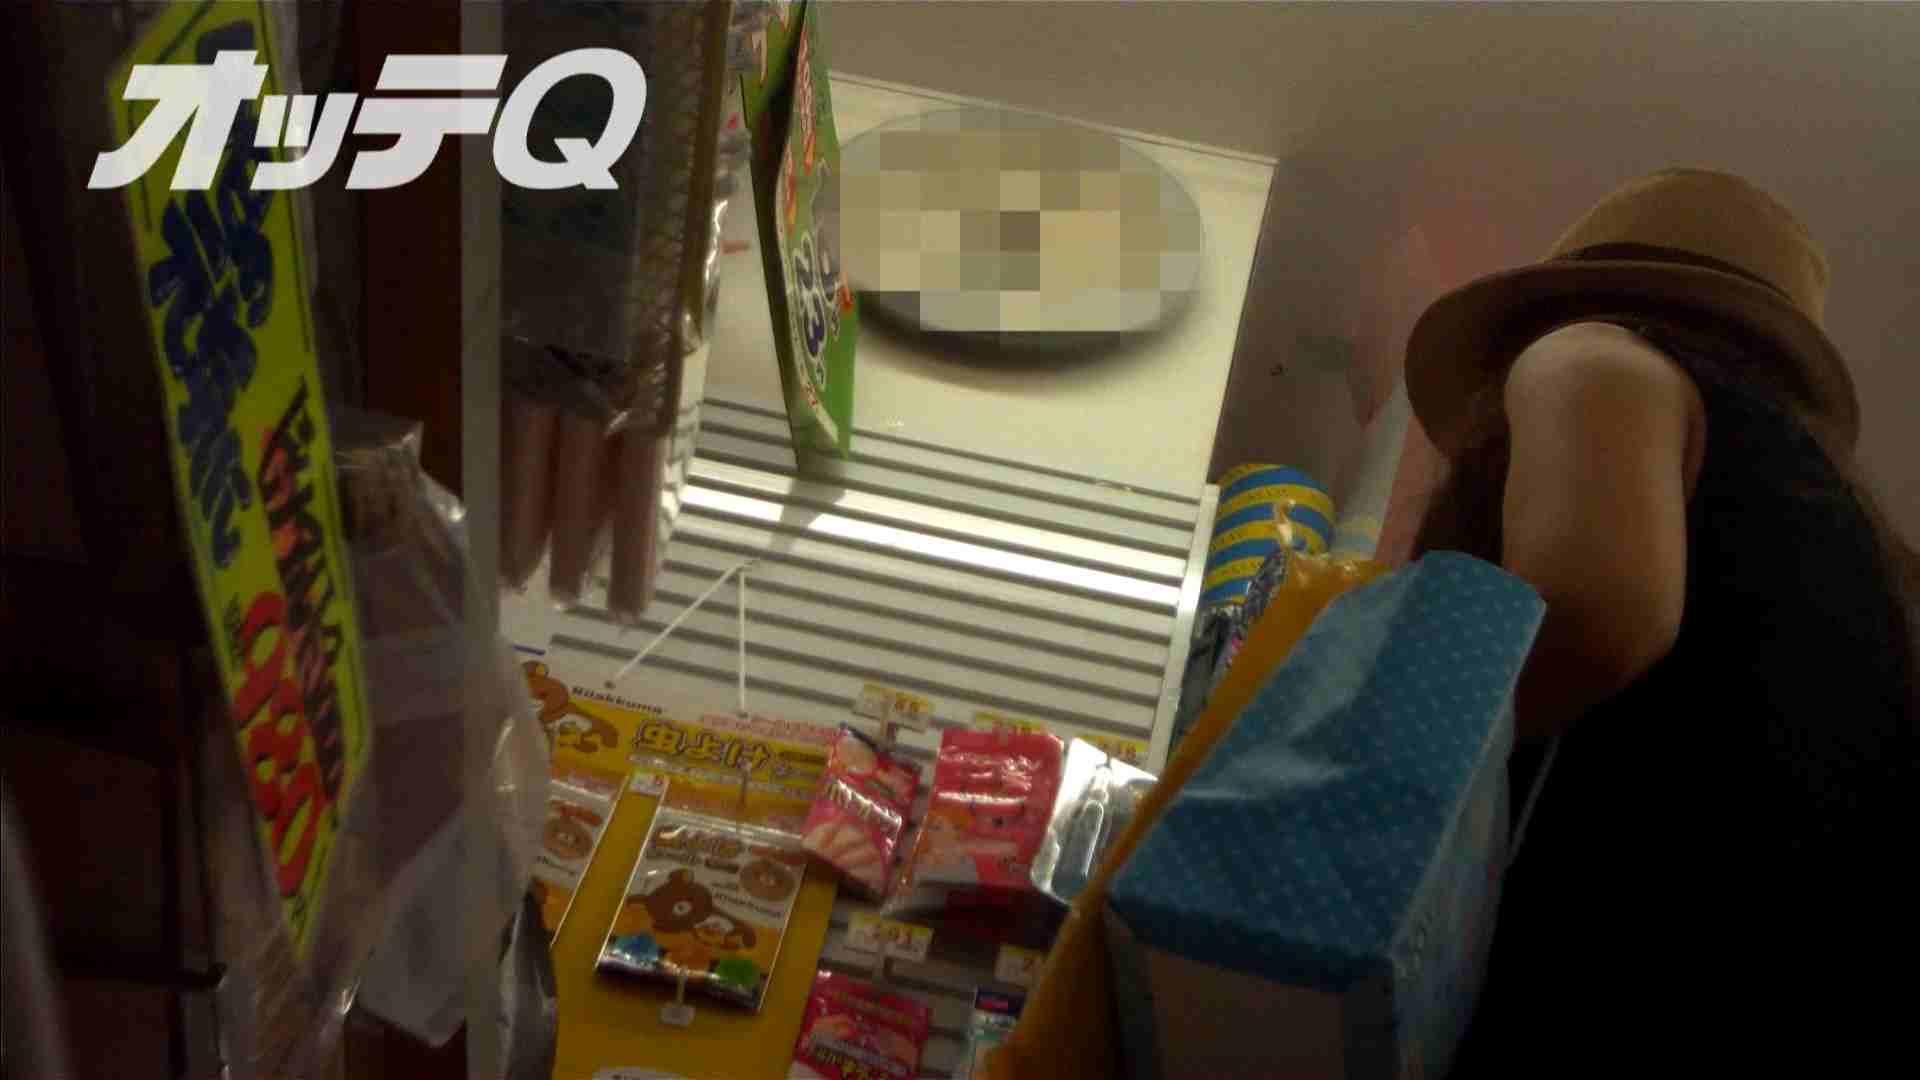 ハイビジョンパンチラ オッテQさんの追跡パンチラデパート編VOL.06 パンチラ | HなOL  79pic 34